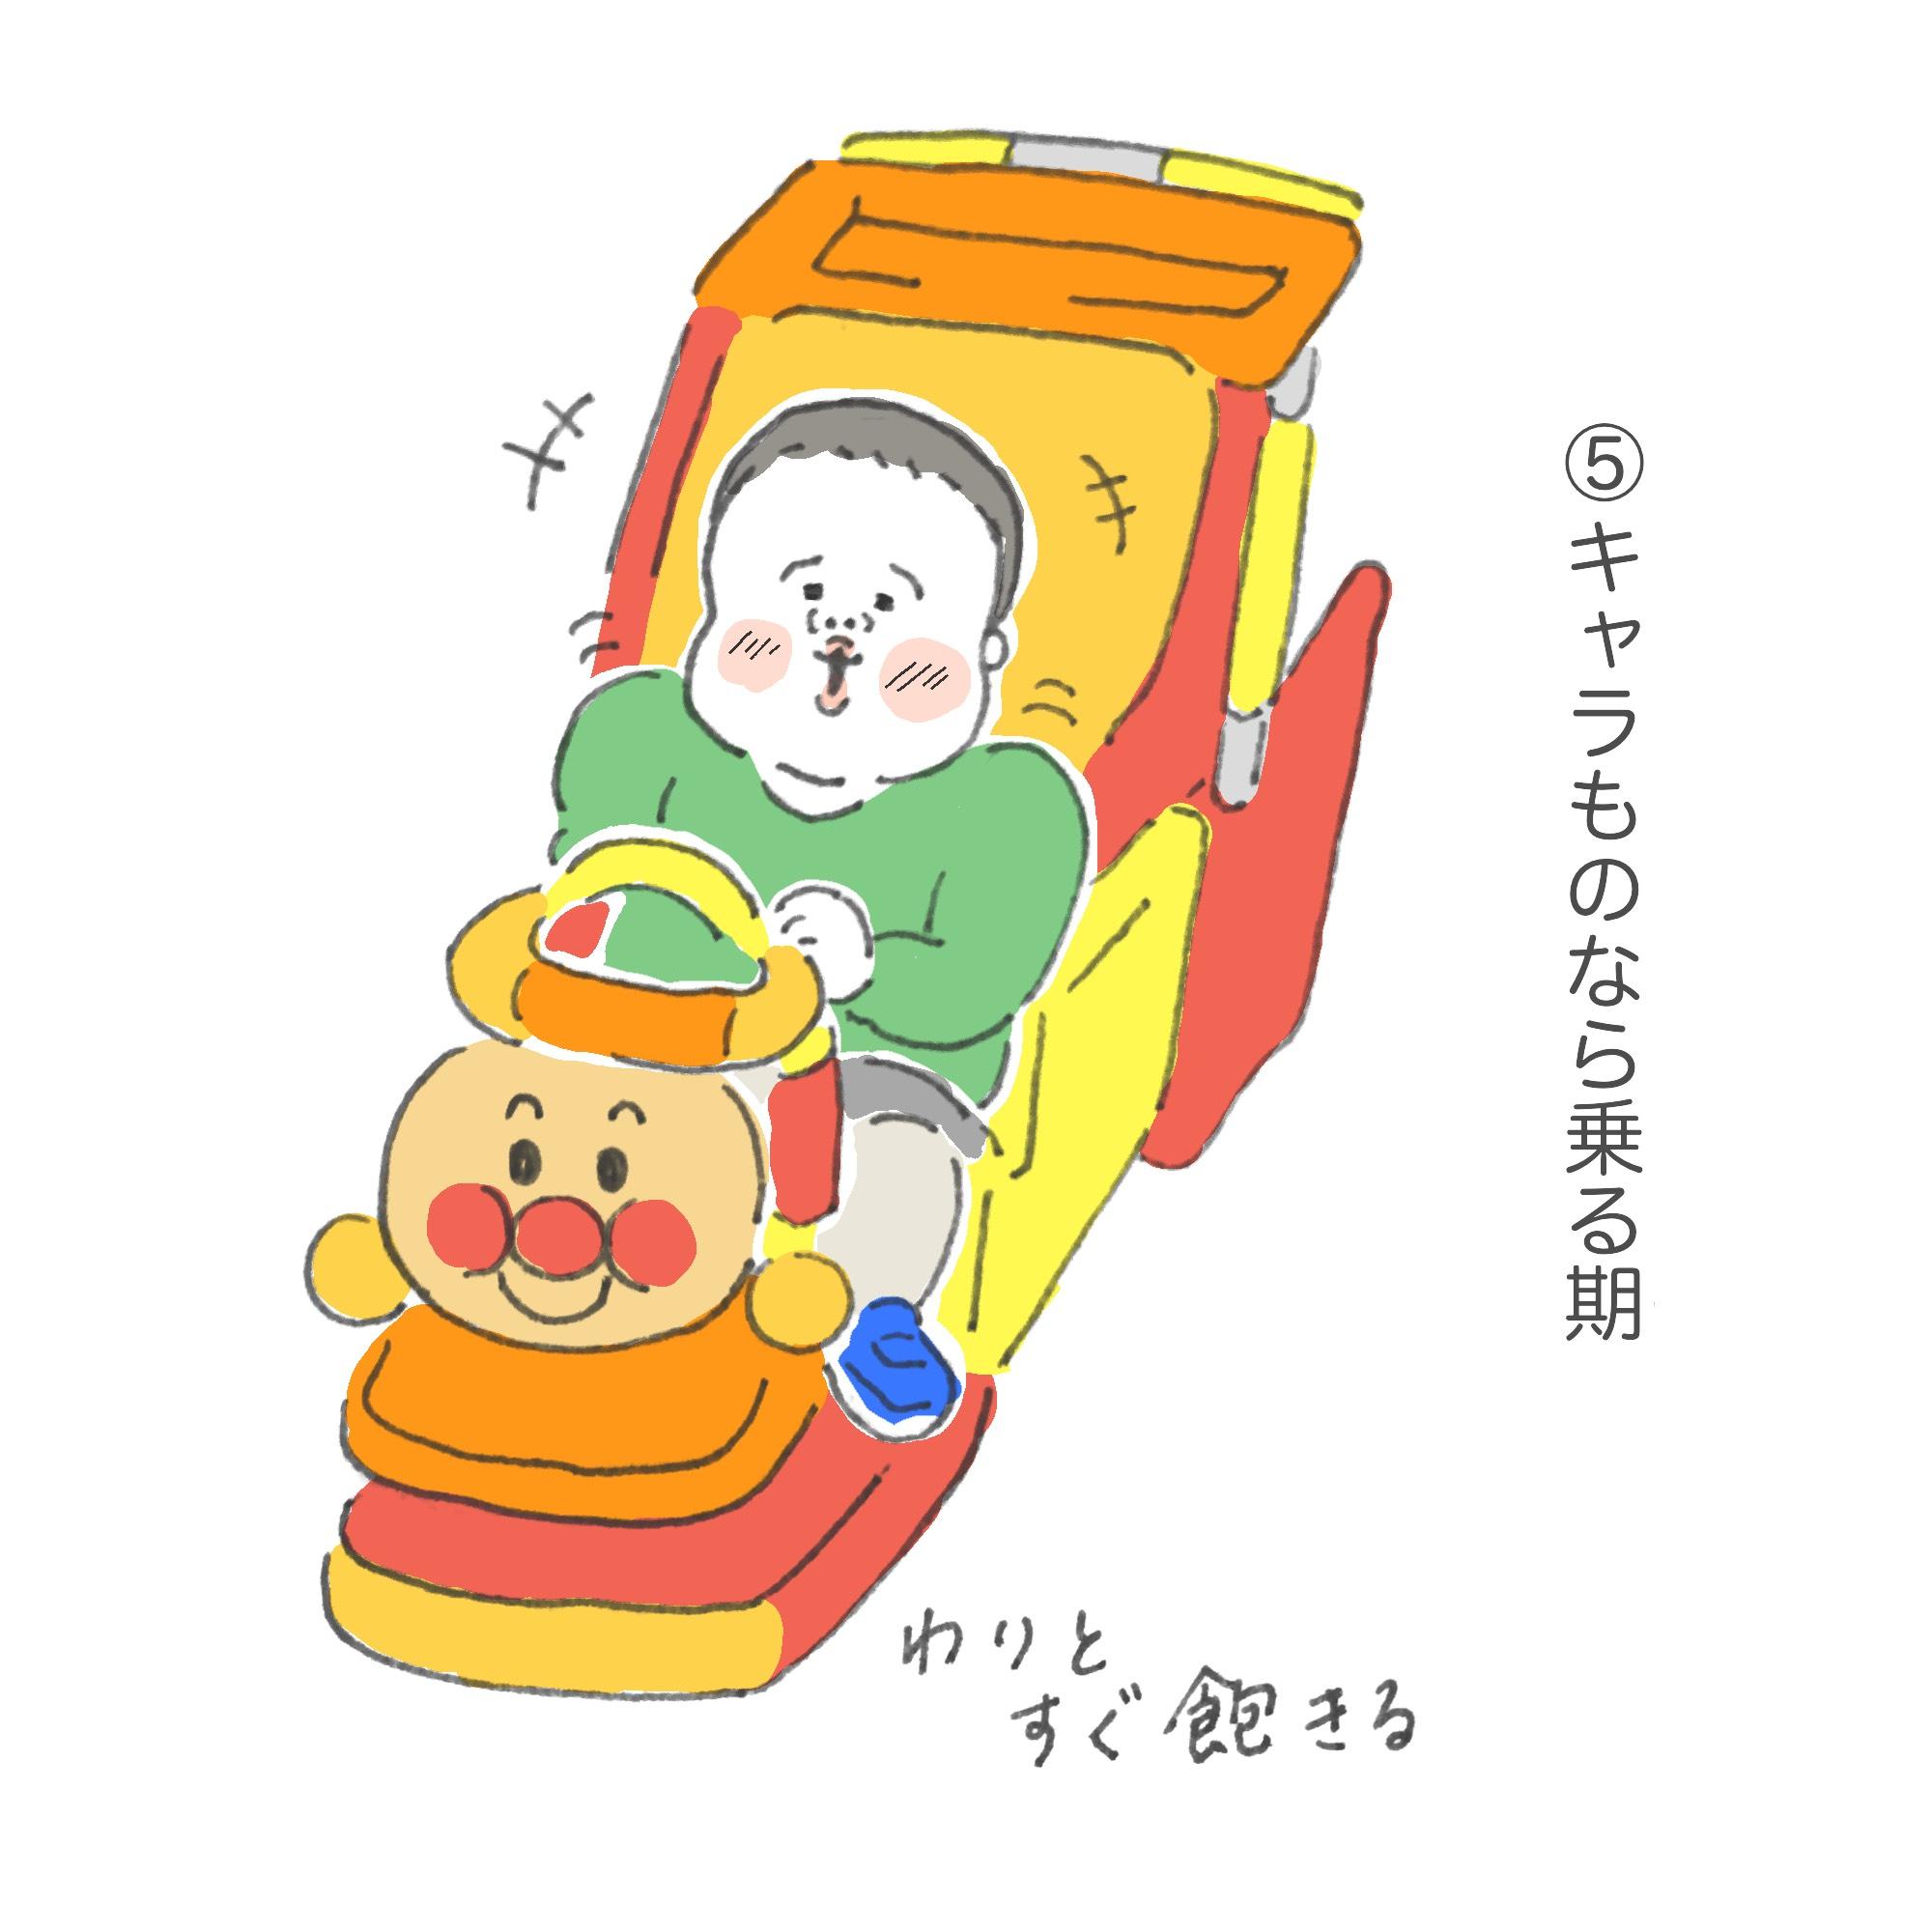 ちっちくん連絡帳#1「ショッピングカートの乗り方」